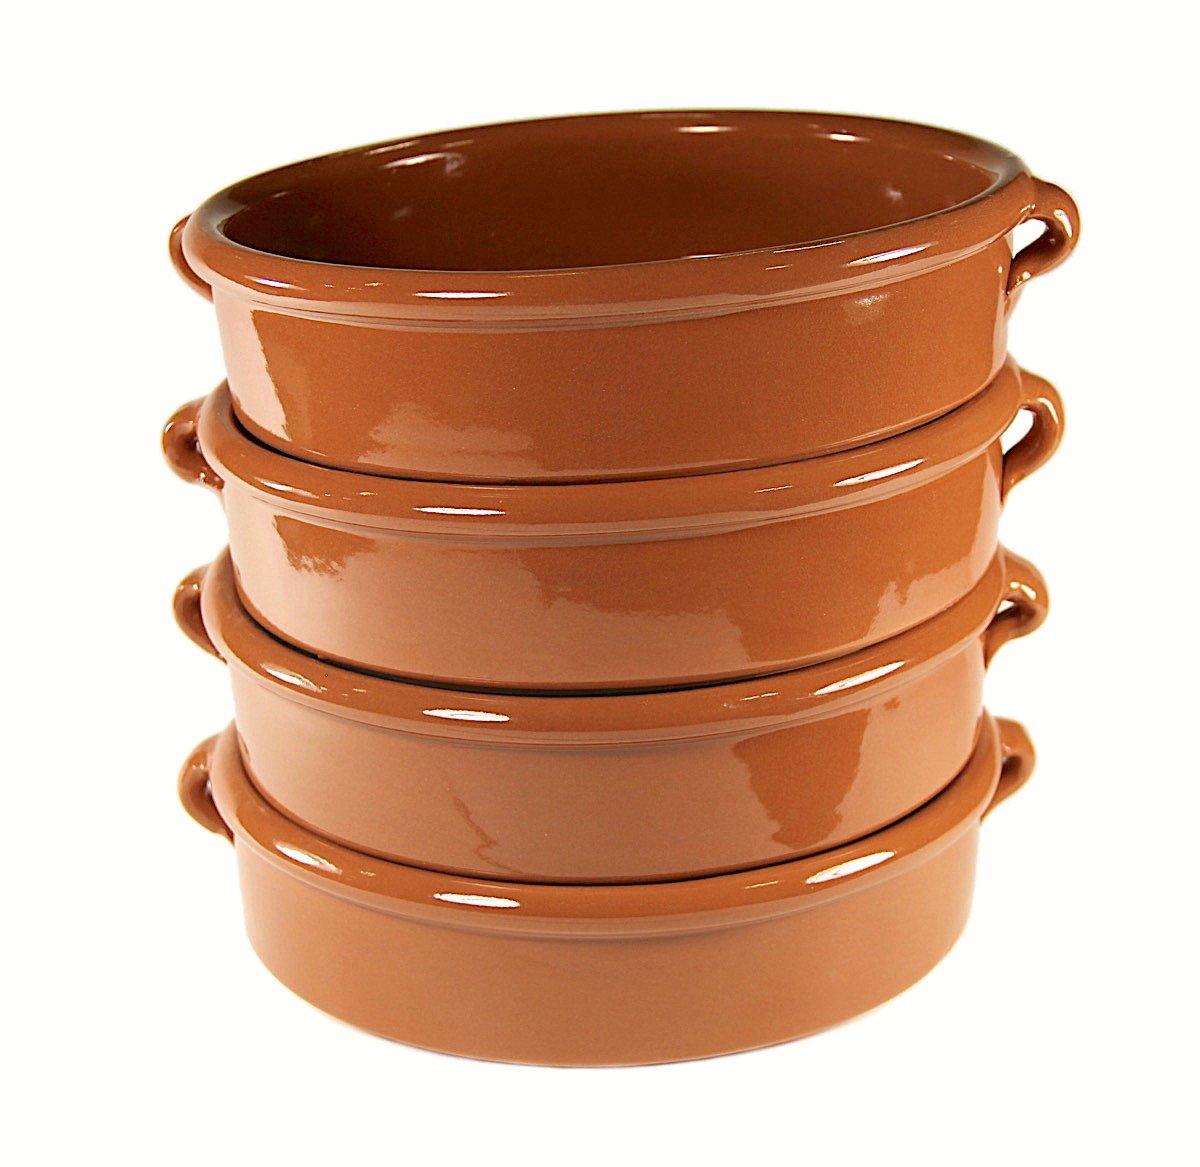 Terra Cotta Cazuelas - 8 Inches (4 Dishes)